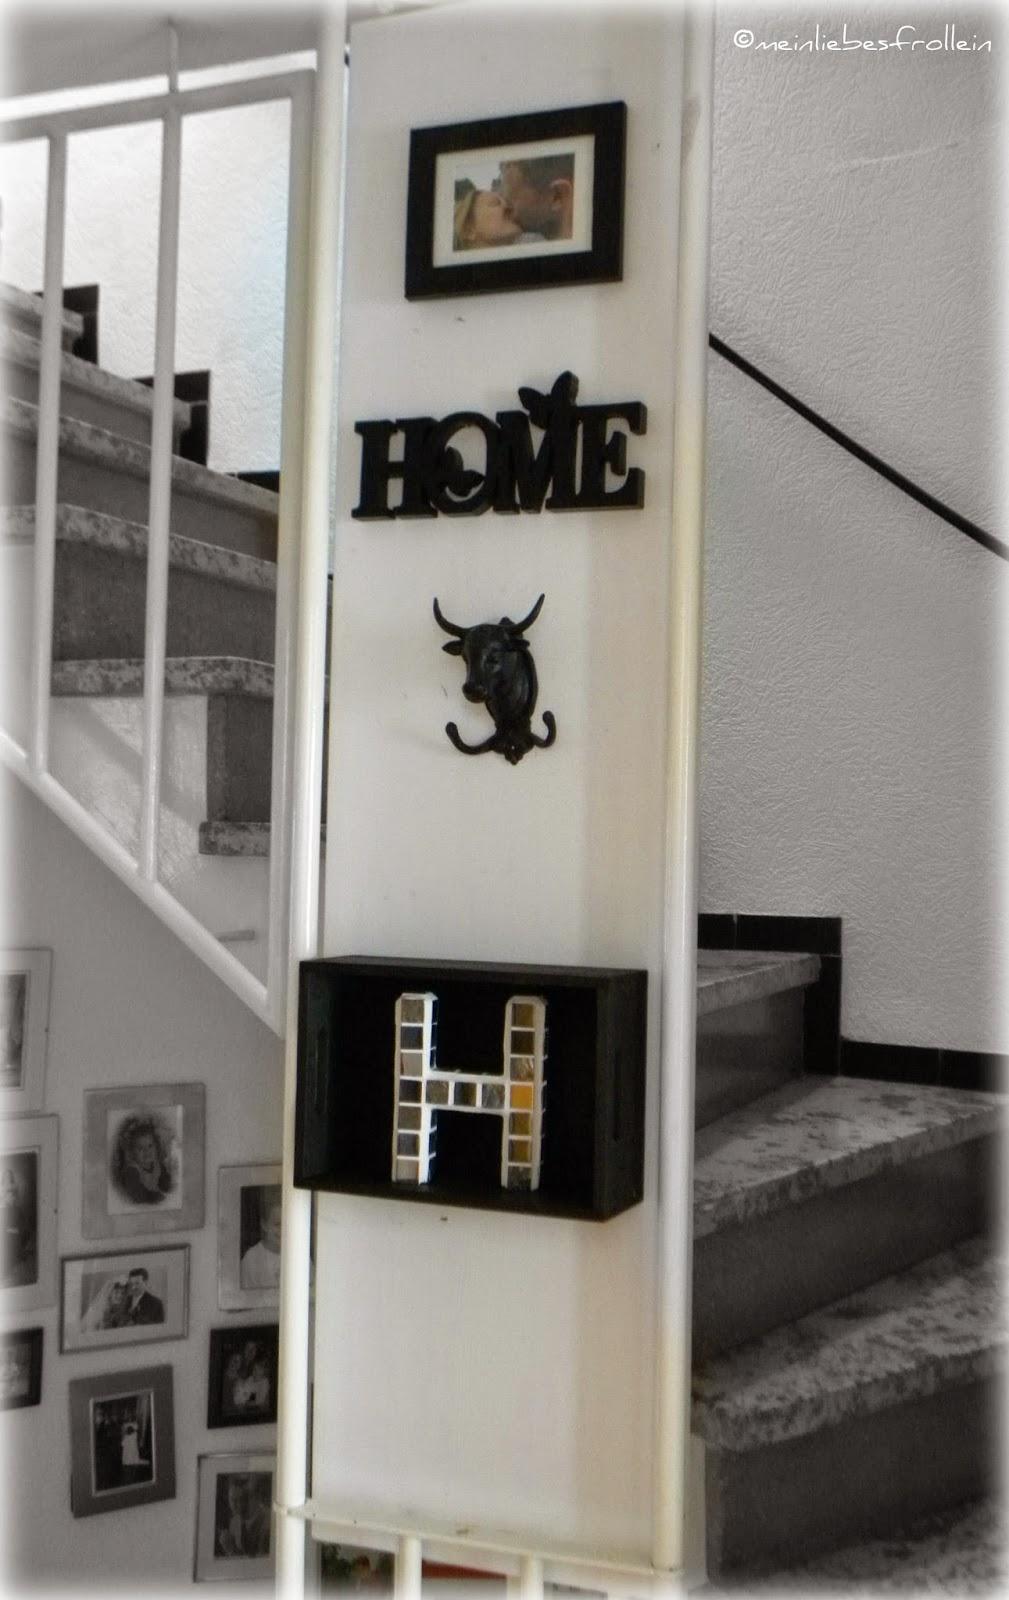 mein liebes frollein wenig platz gro e wirkung. Black Bedroom Furniture Sets. Home Design Ideas